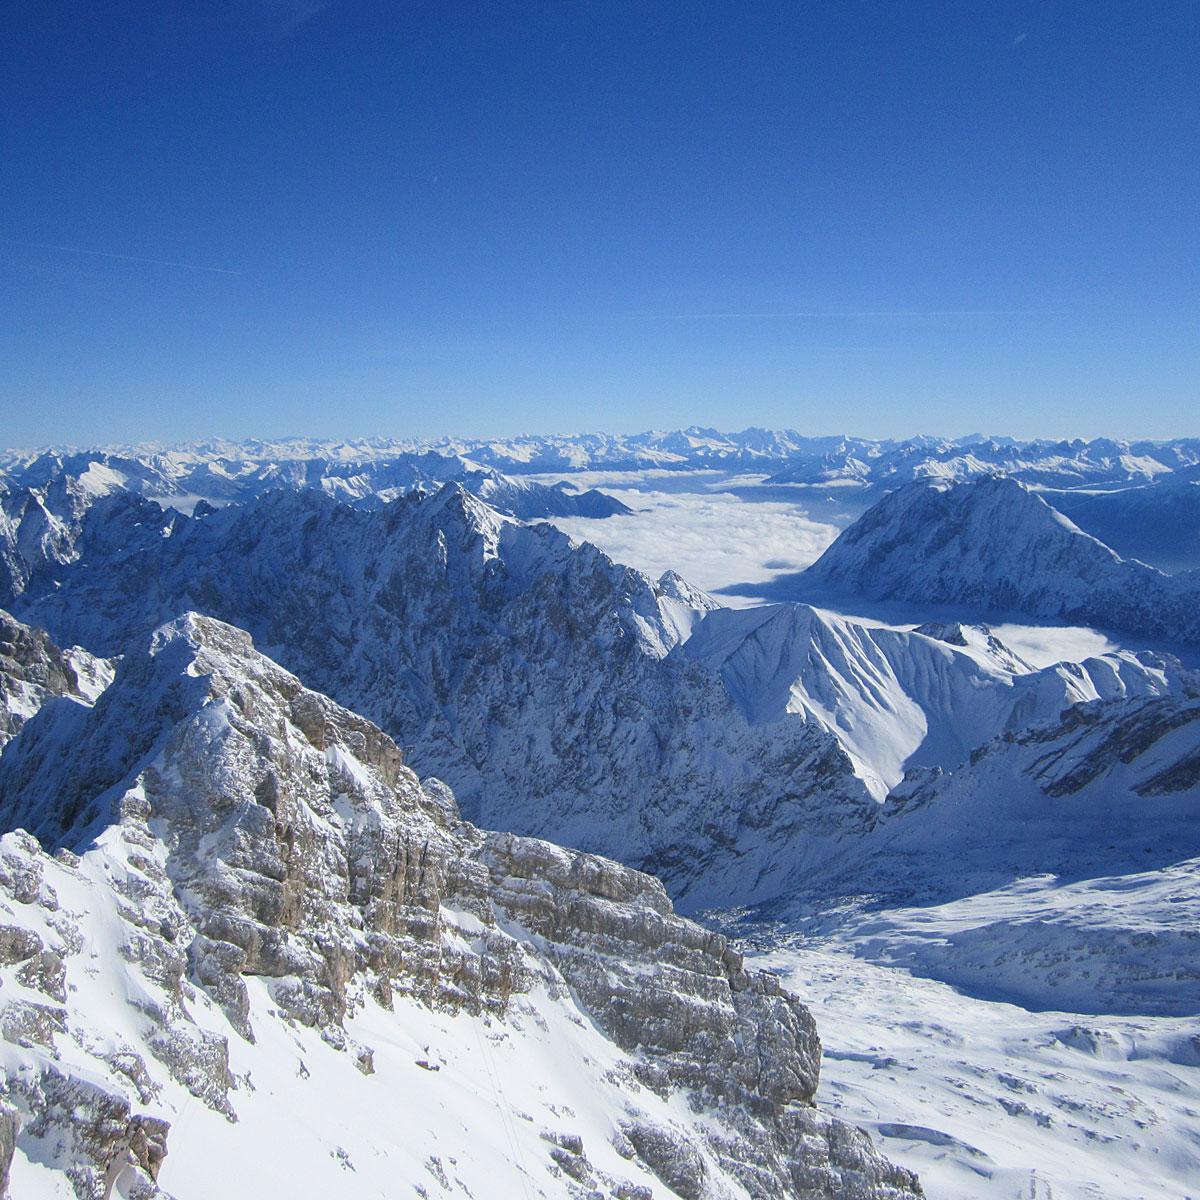 Artikelbild Sommerwanderung Schneeballschlacht Panorama Zugspitze